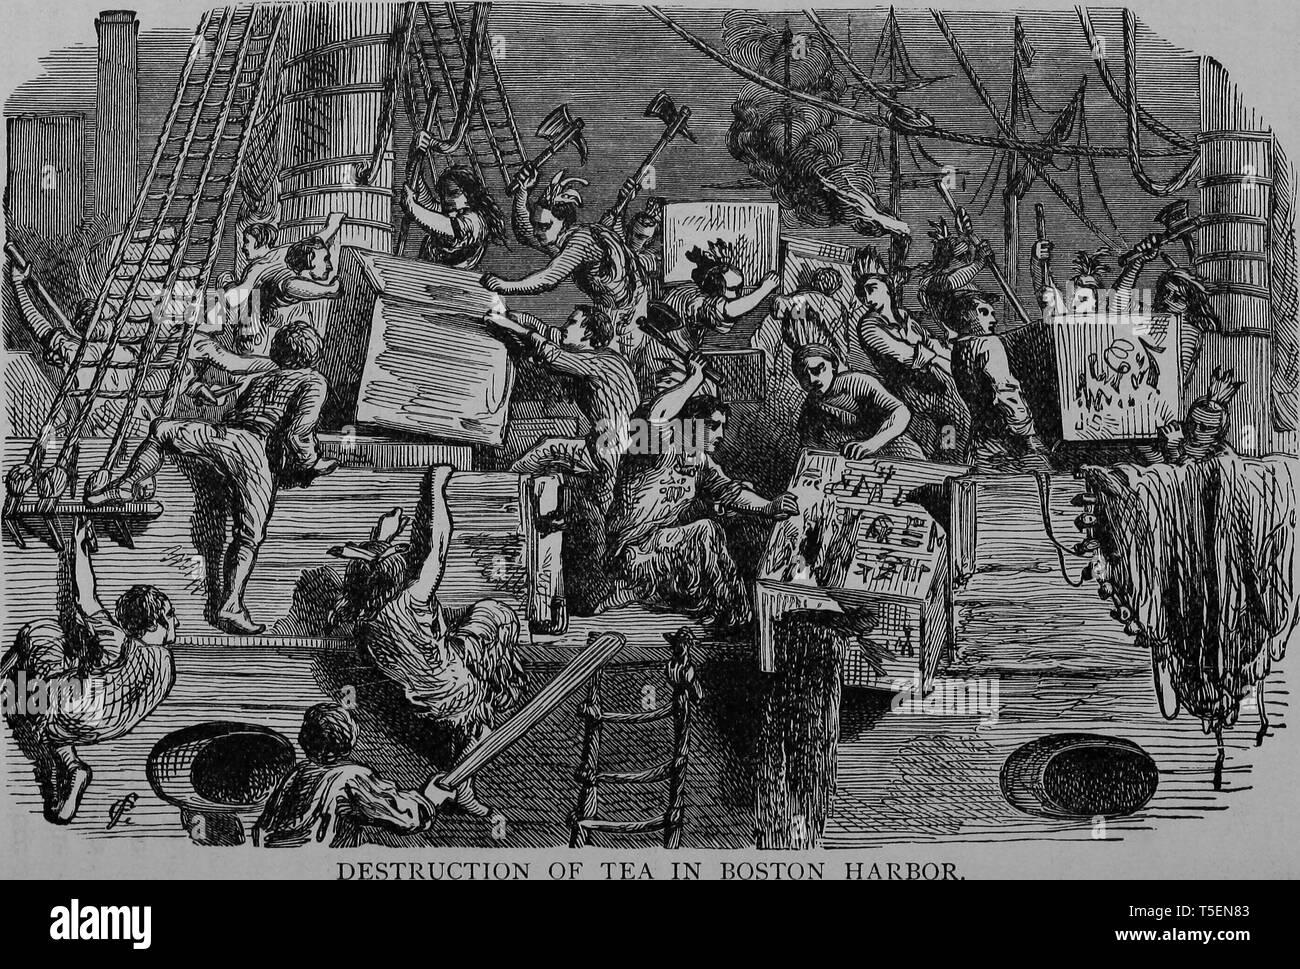 """Incisione di distruzione di un set per la preparazione di tè nel porto di Boston, dal libro """"La storia politica degli Stati Uniti """" da James Penny Boyd, 1888. La cortesia Internet Archive. () Foto Stock"""